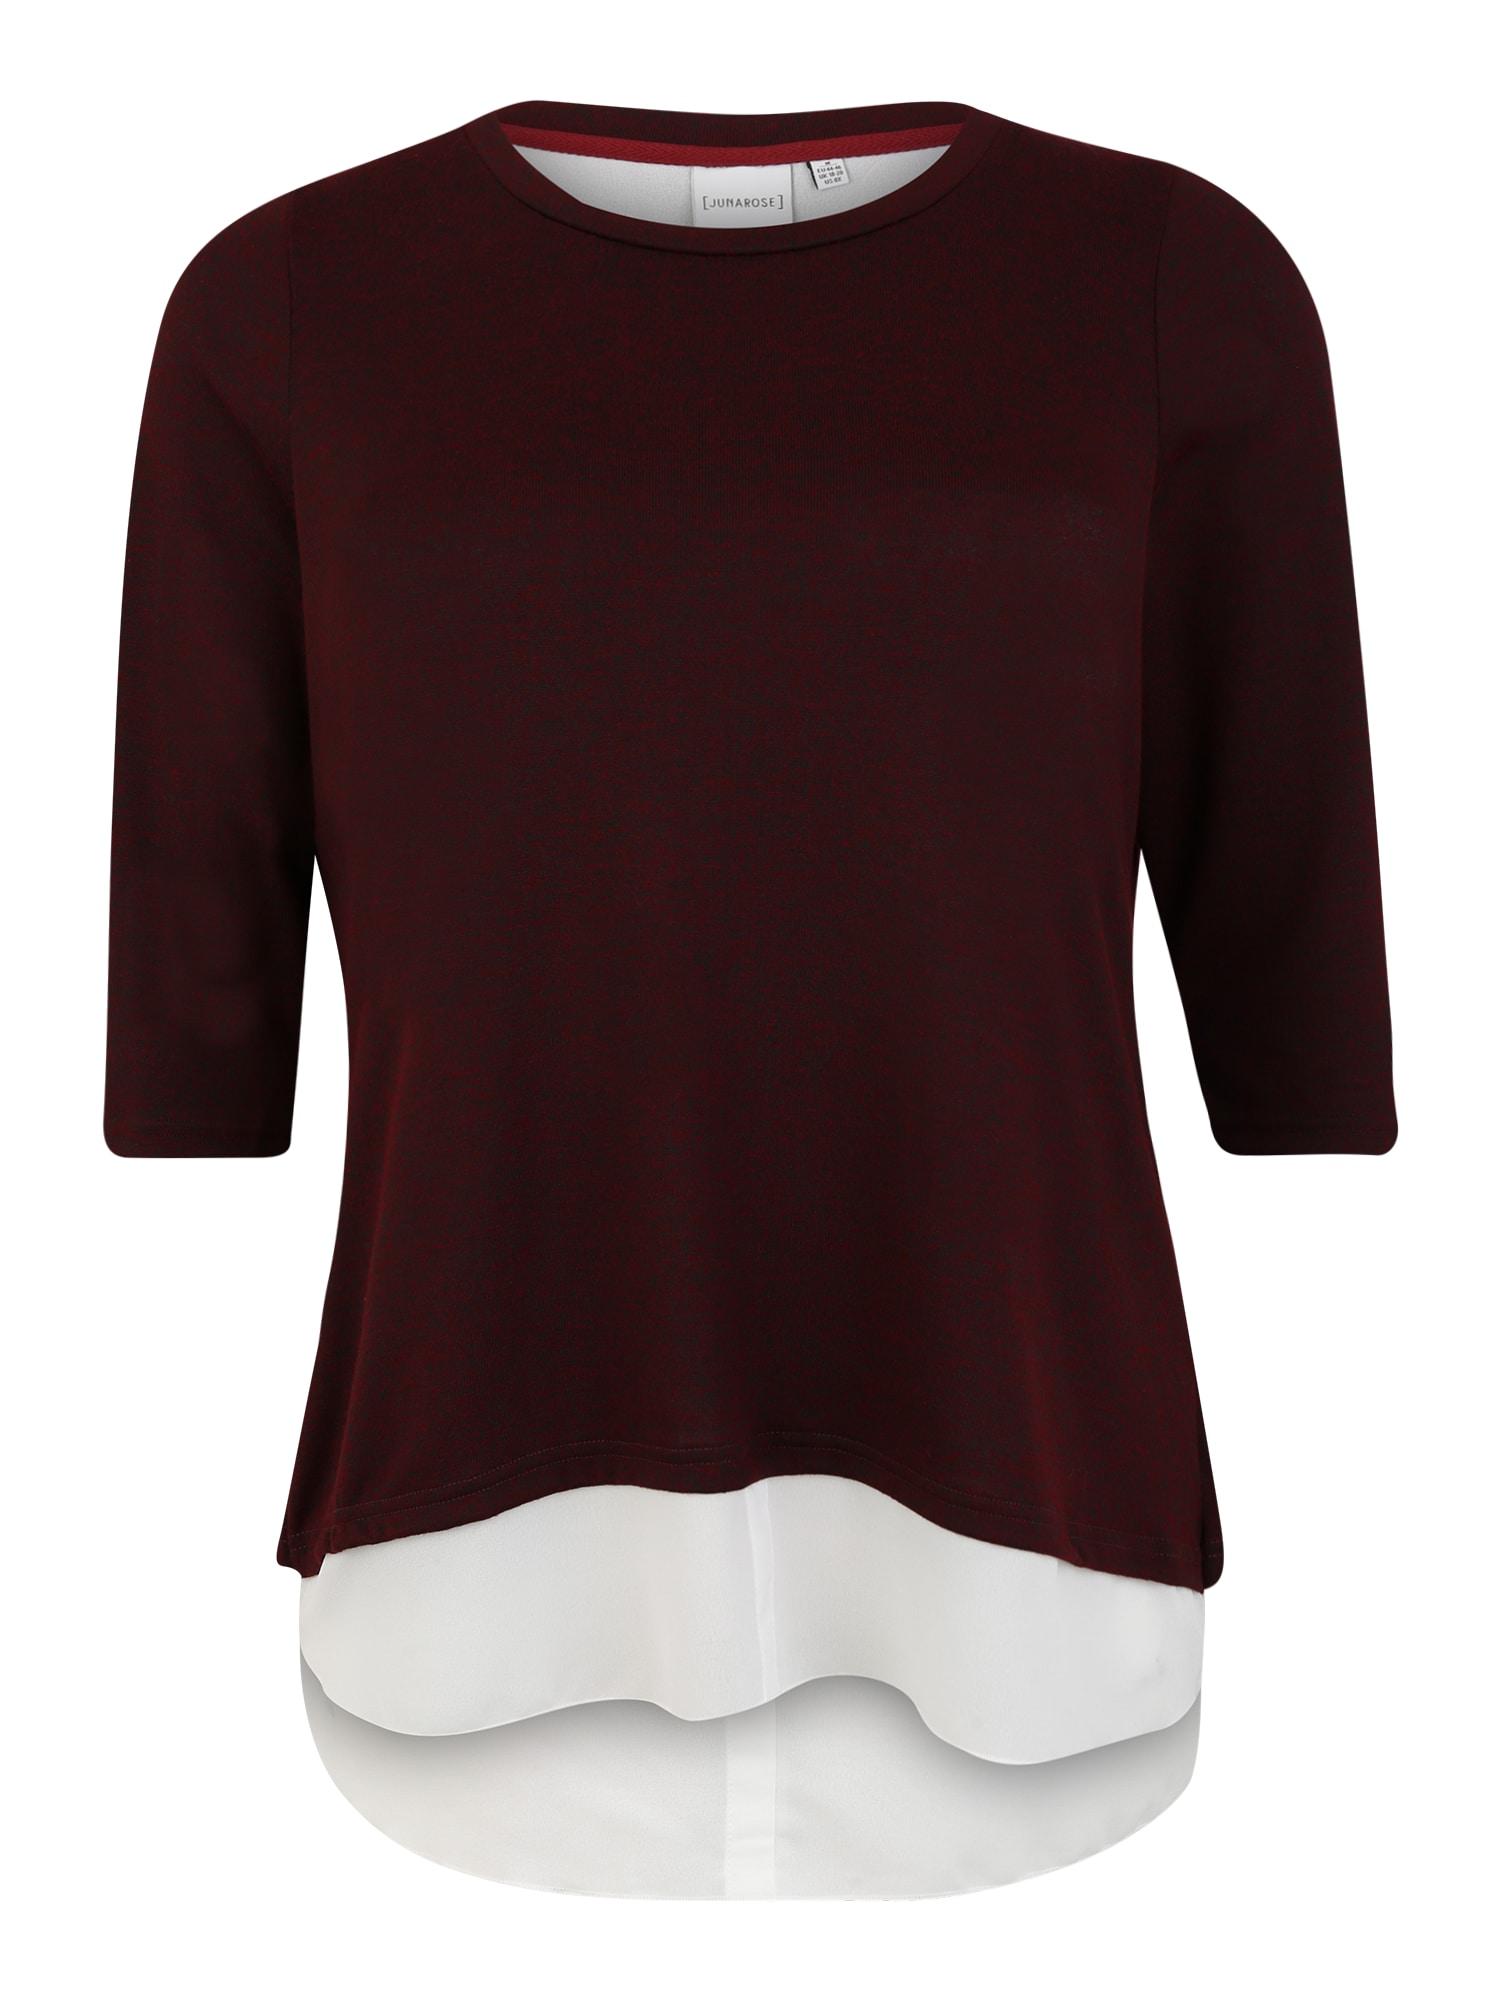 Junarose Marškinėliai vyno raudona spalva